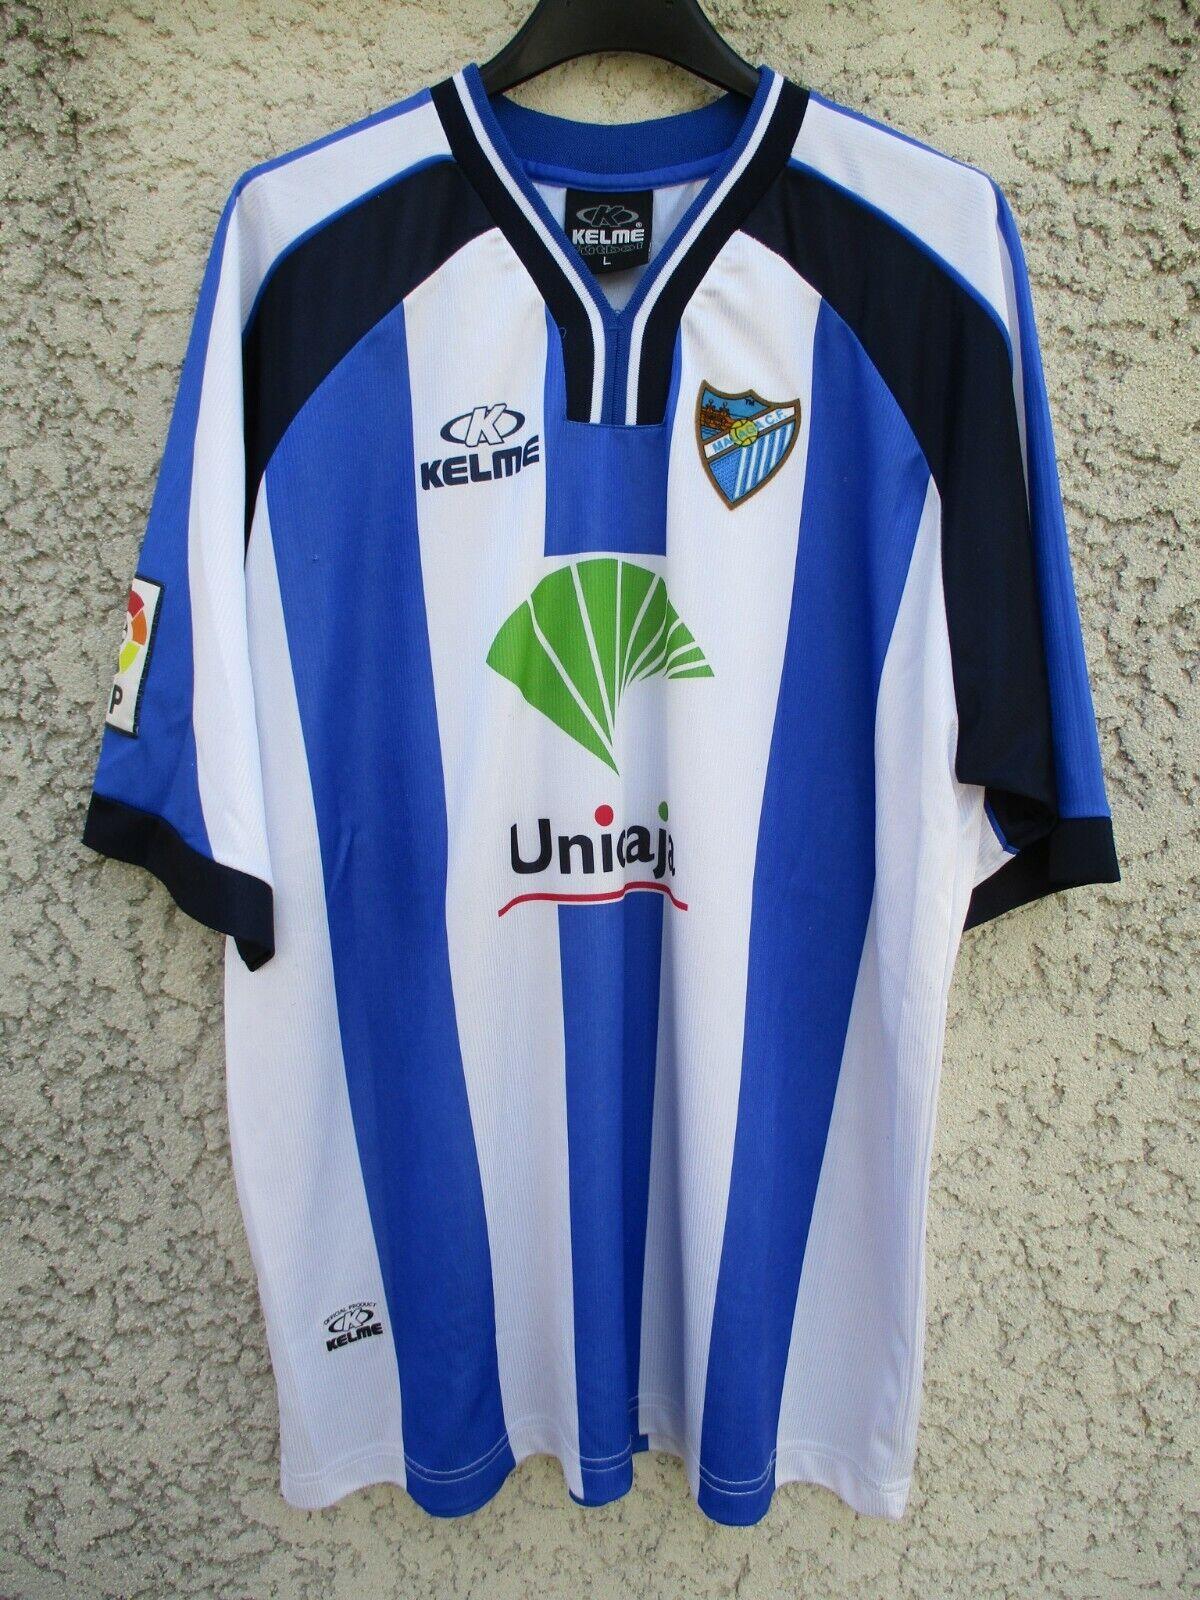 Maillot MALAGA 1999 2000 KELME vintage shirt camiseta jersey trikot home L